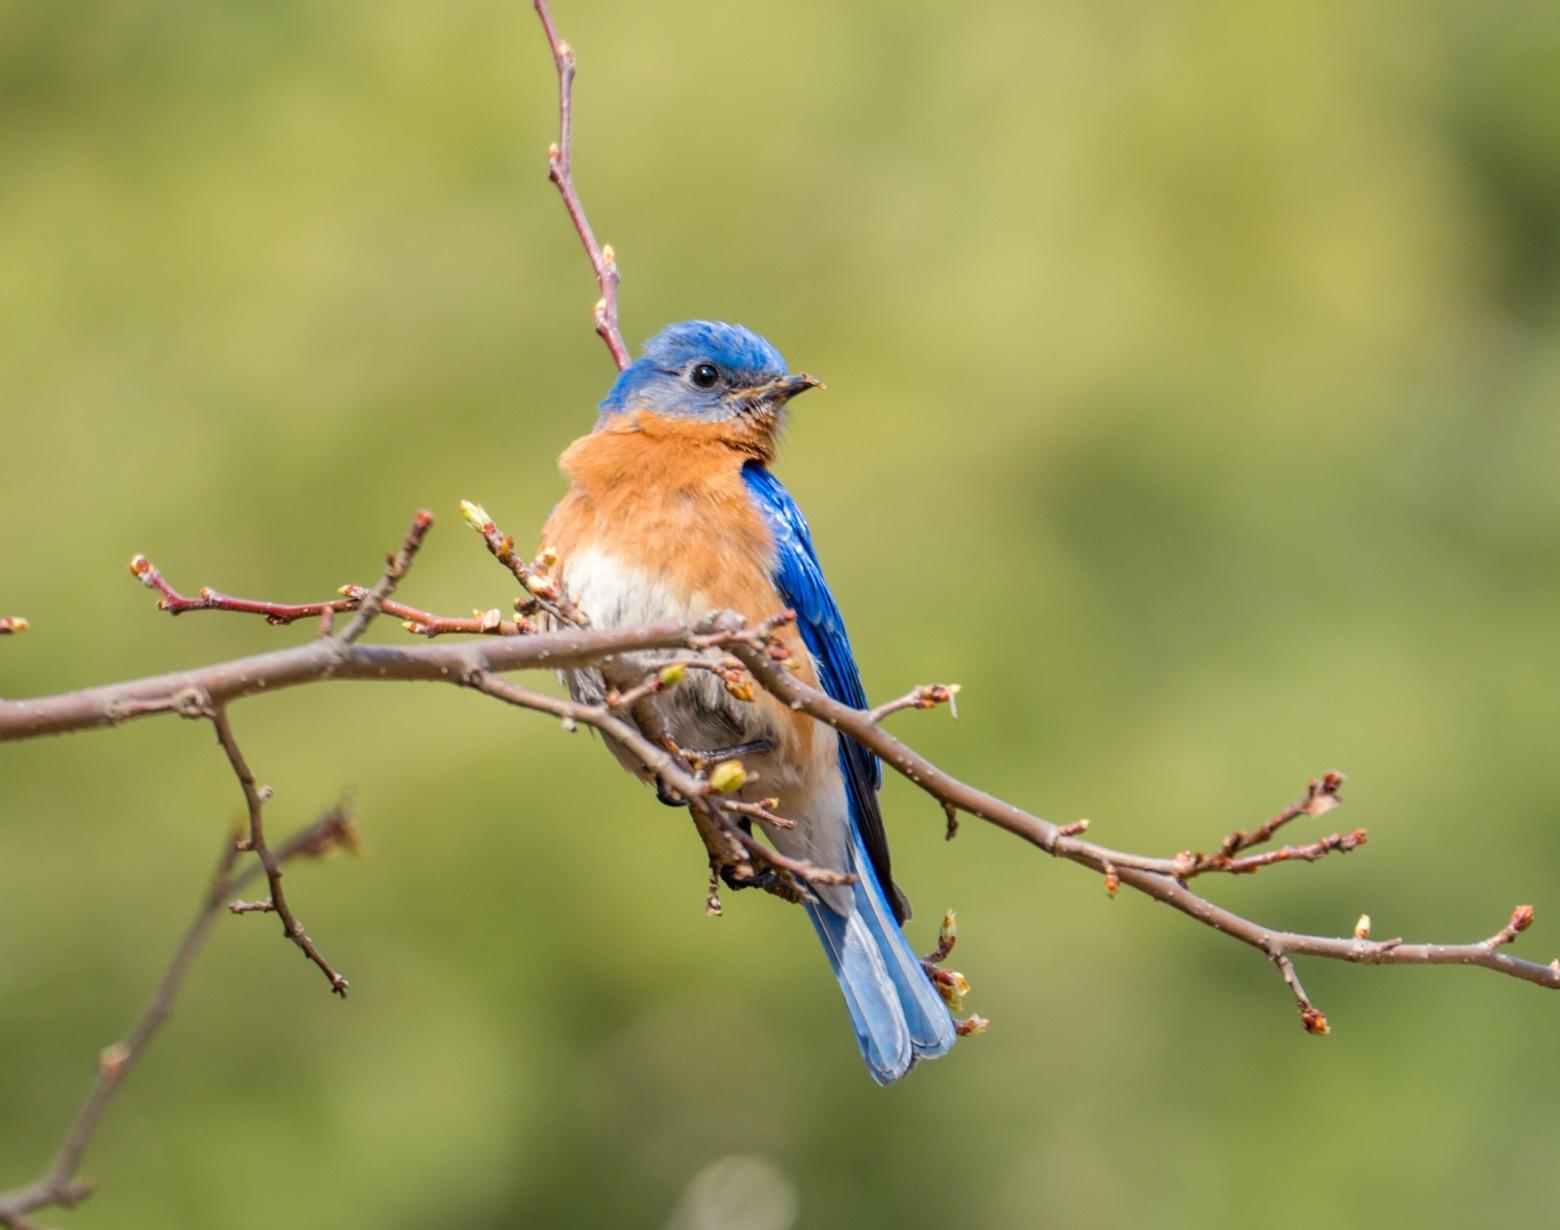 Images Gratuites : Oiseaux, Oiseau | Images Gratuites Et tout Gratuites Oiseaux